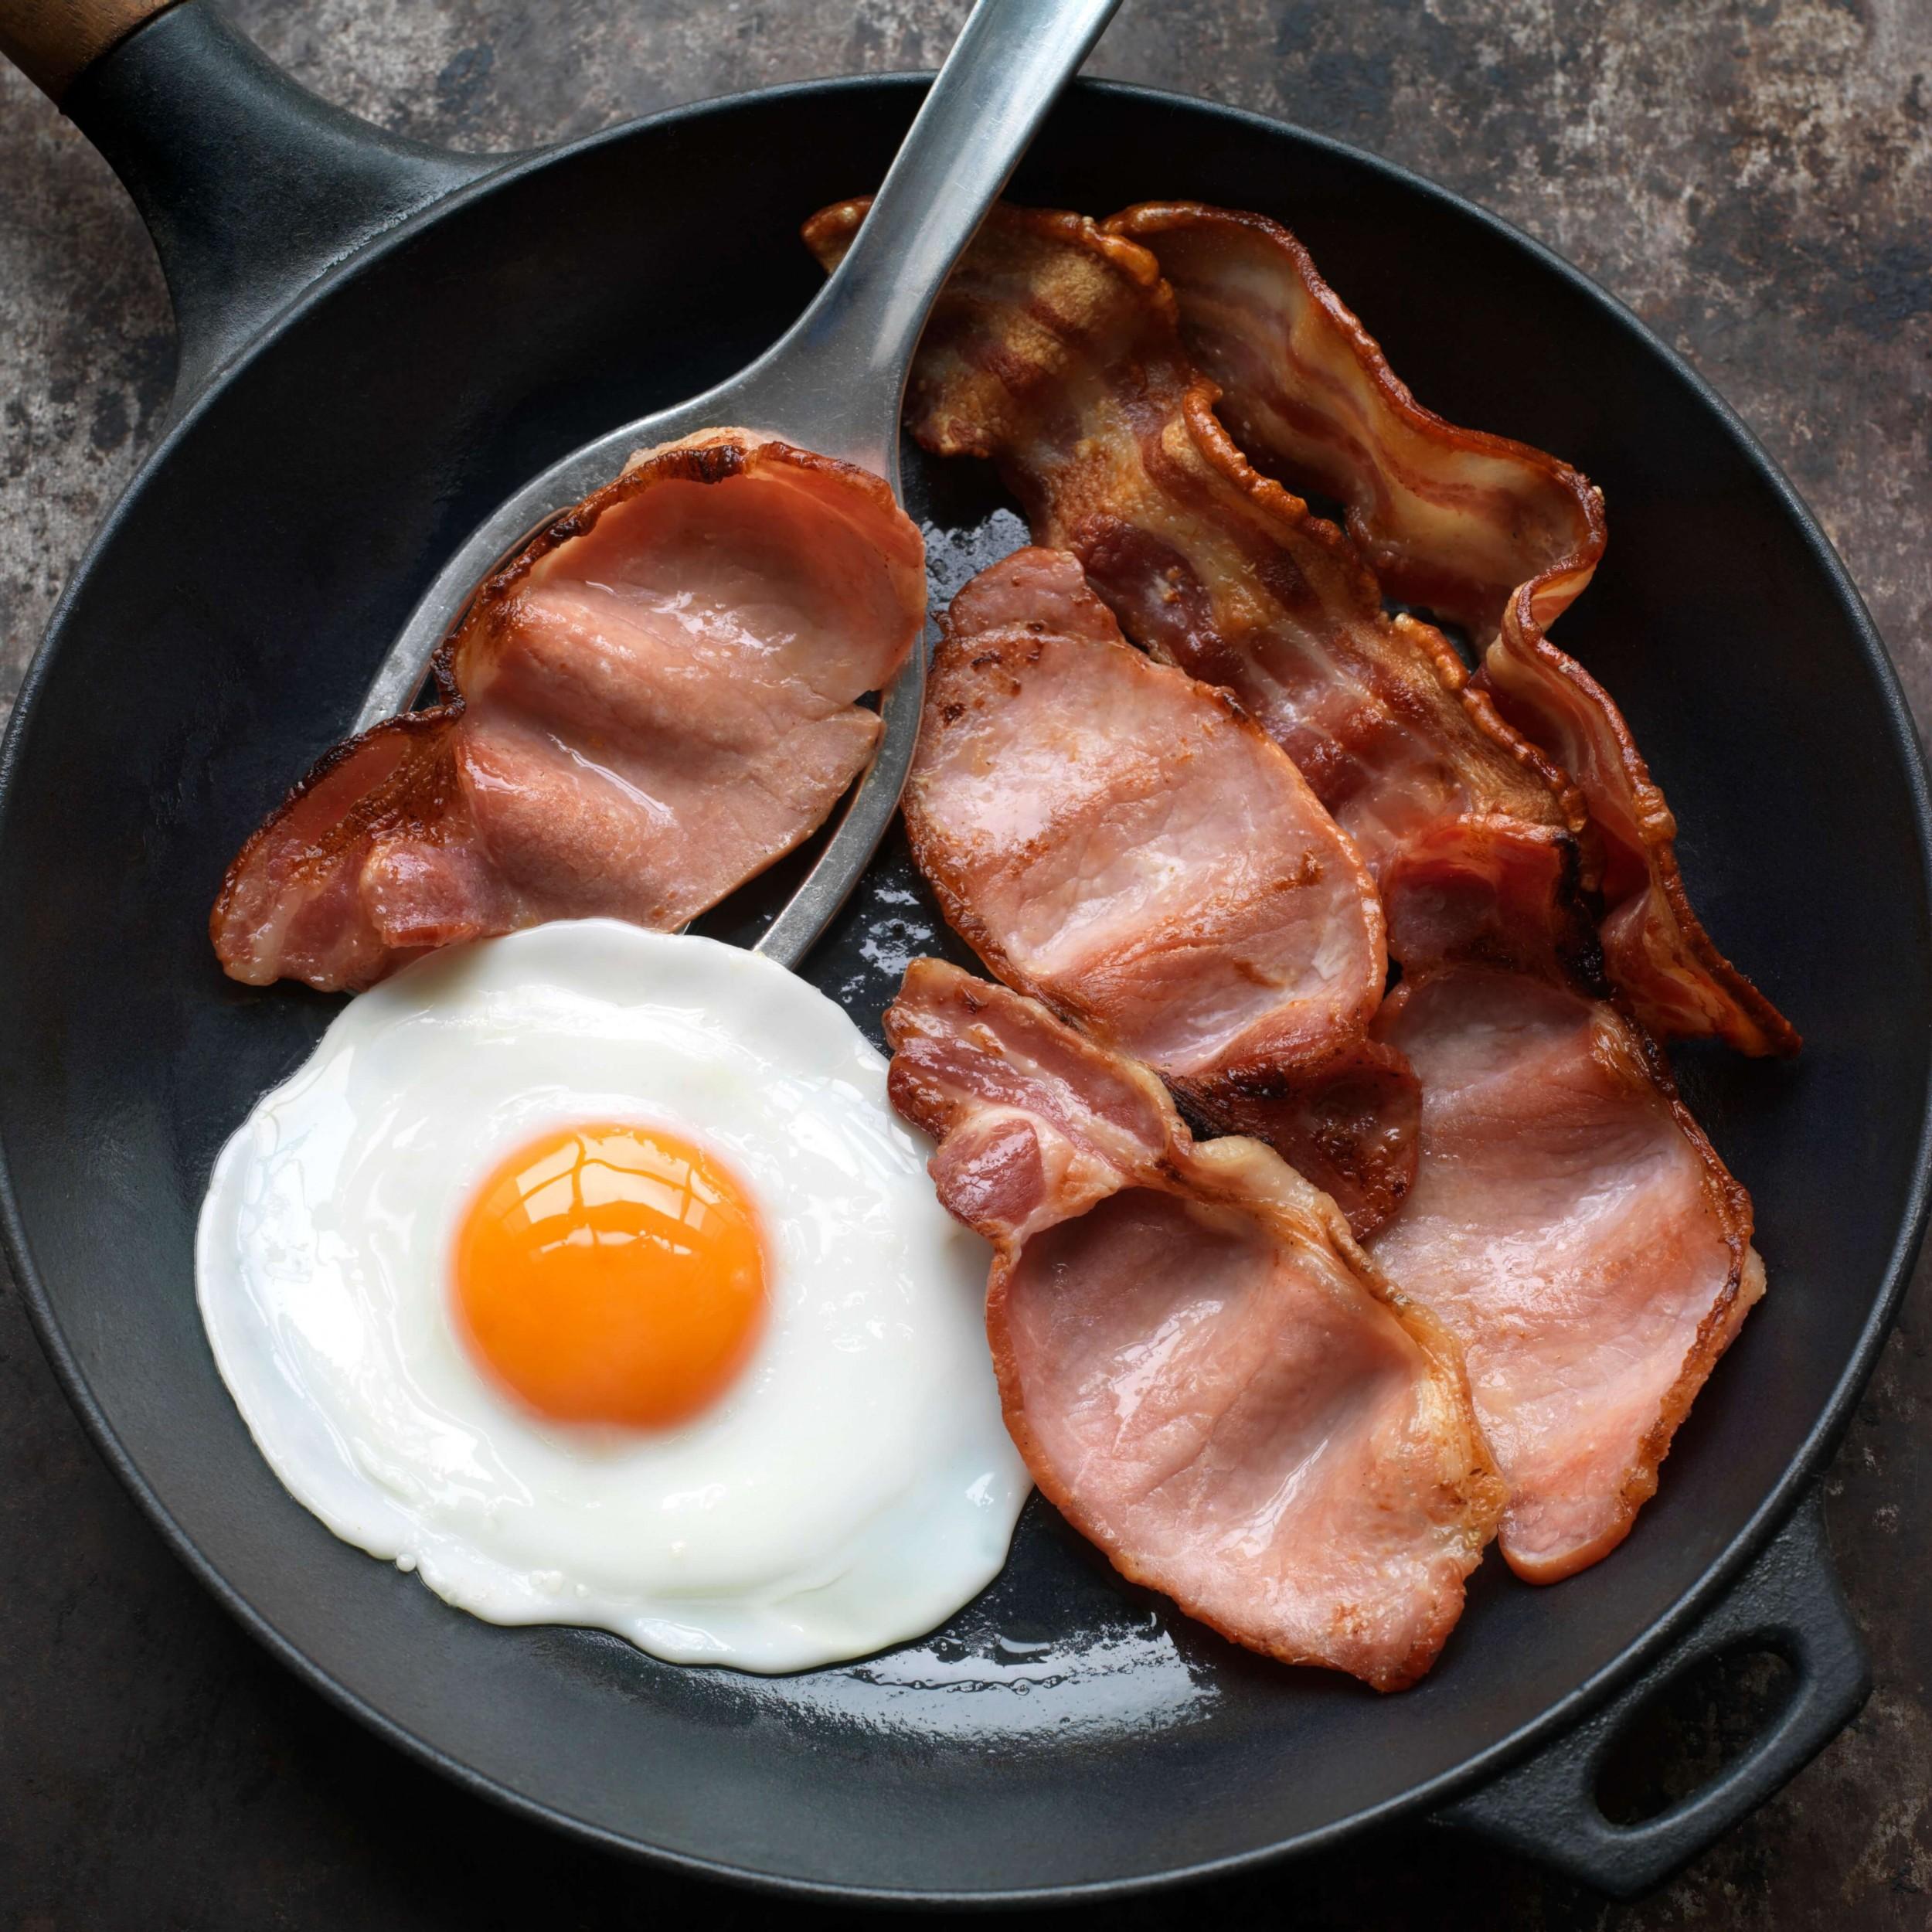 Image of Hepburn's Bacon